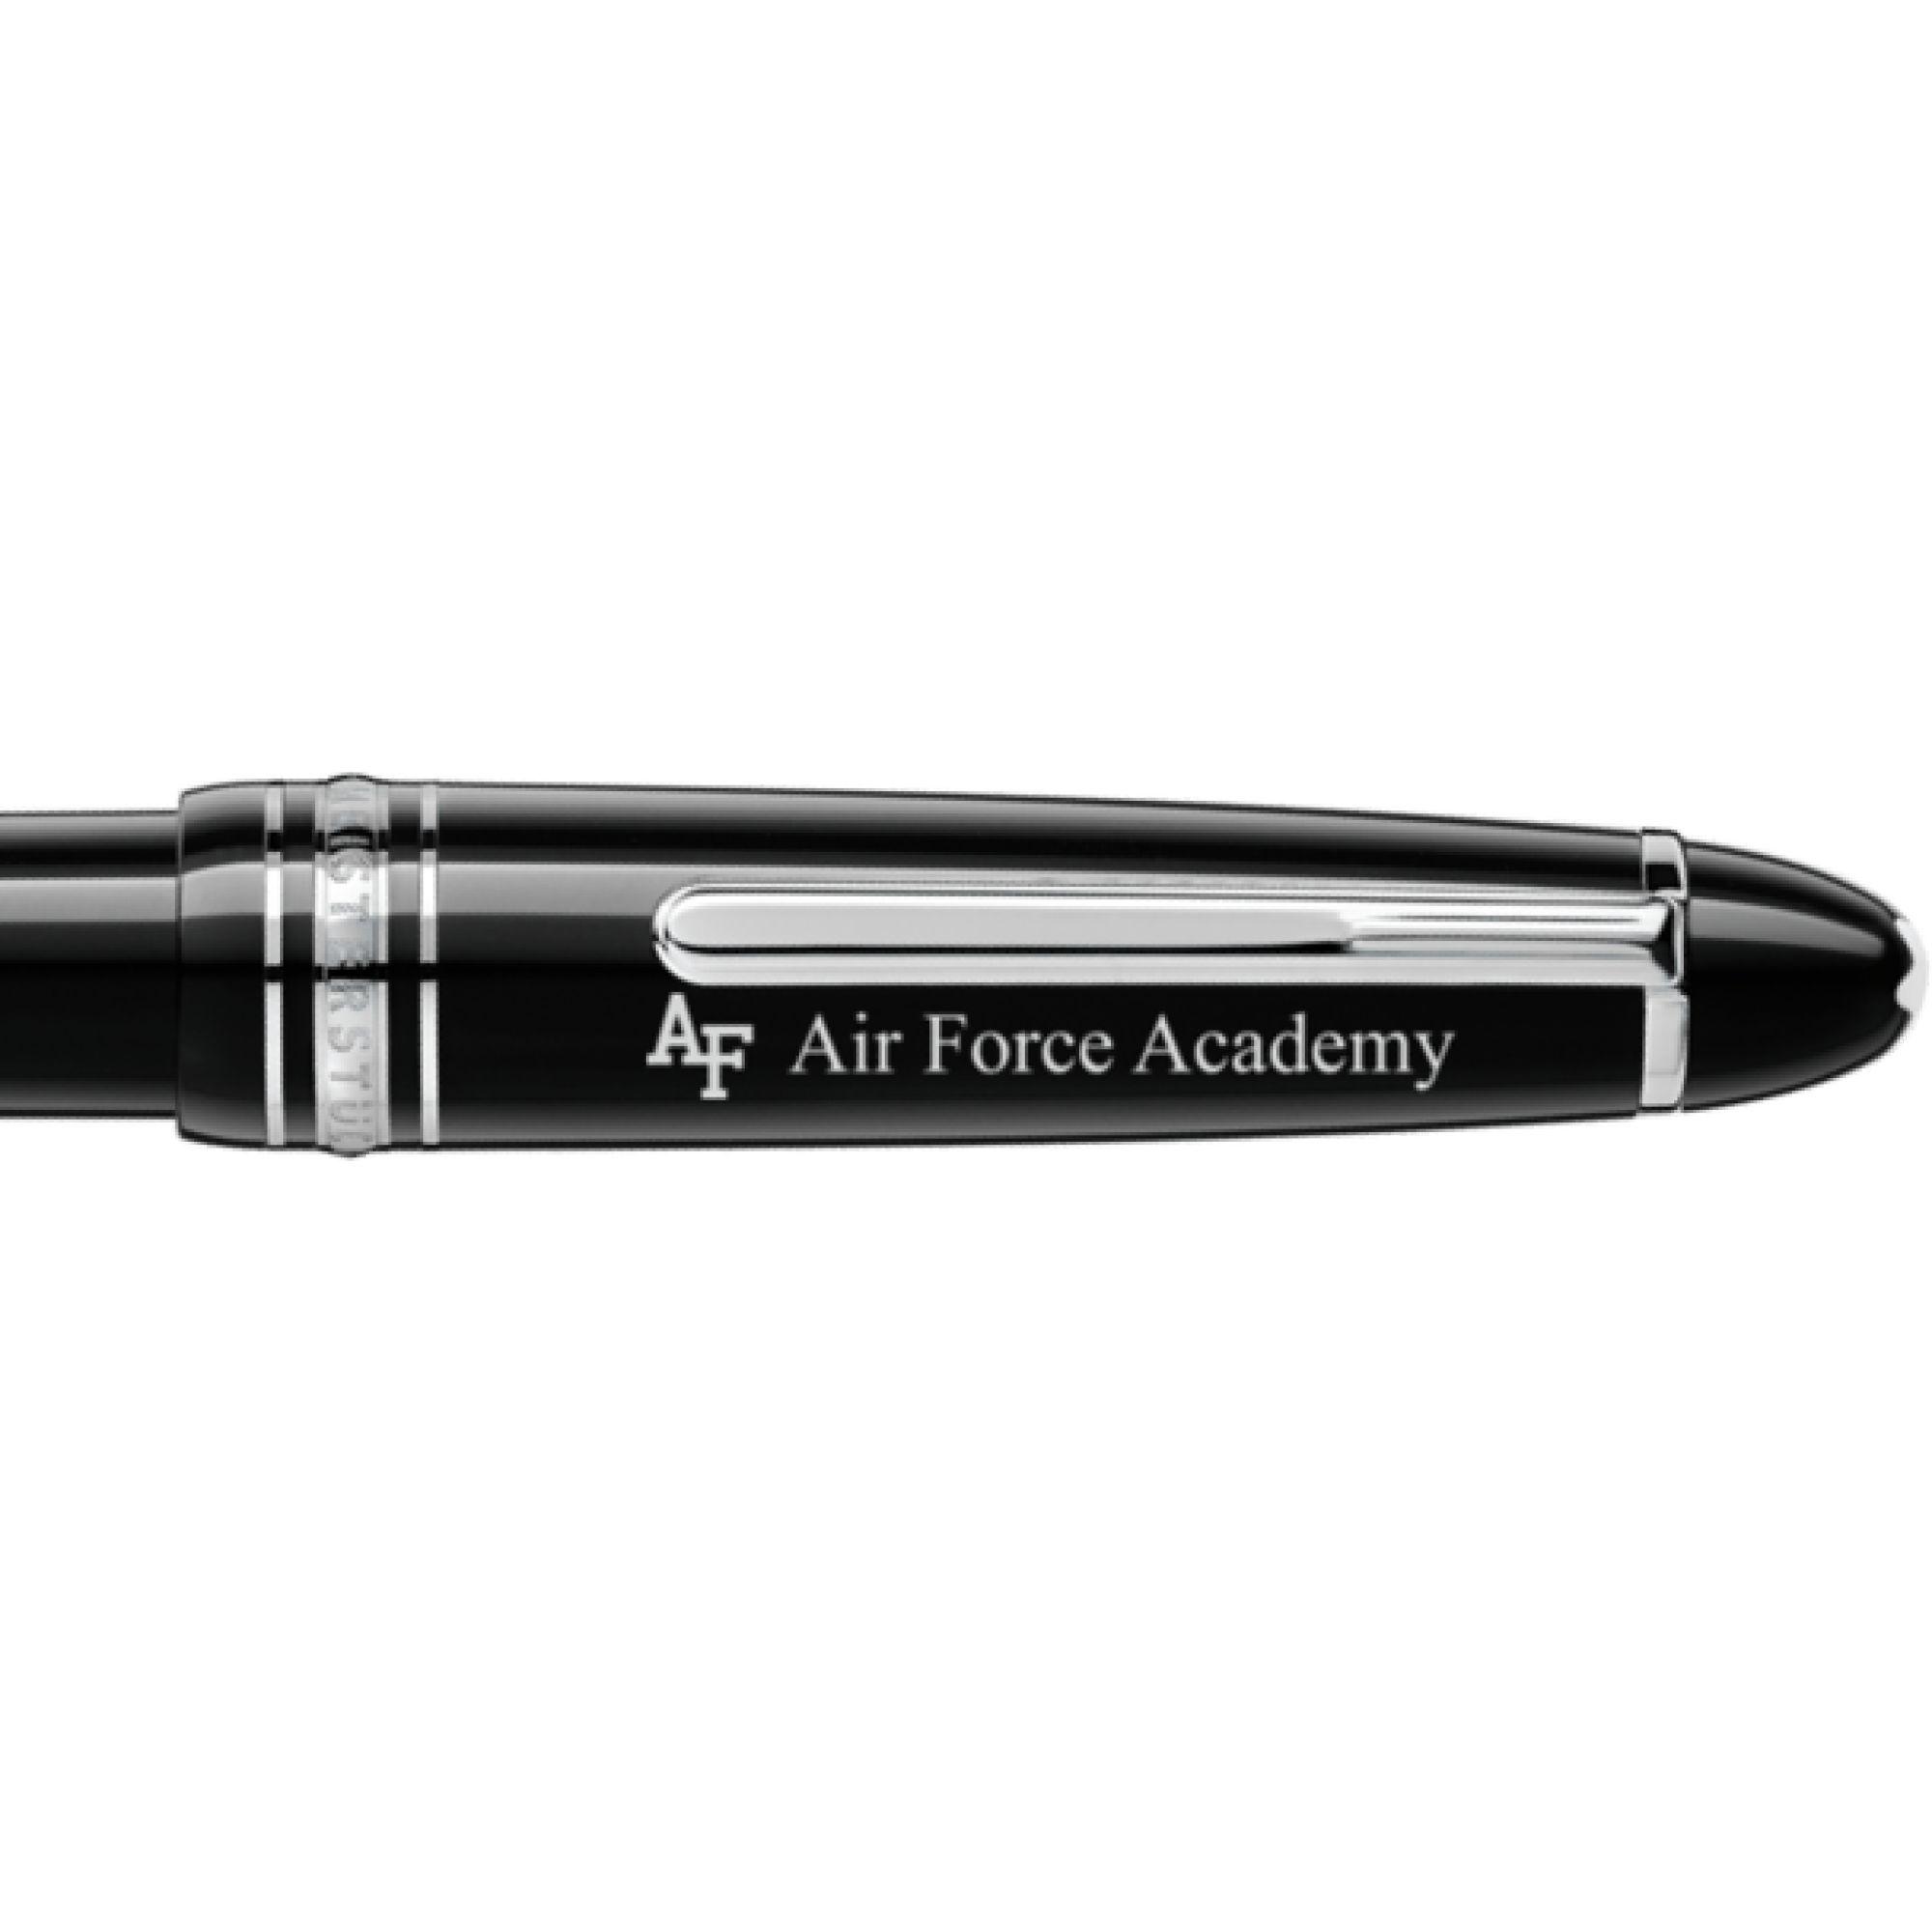 US Air Force Academy Montblanc Meisterstück LeGrand Ballpoint Pen in Platinum